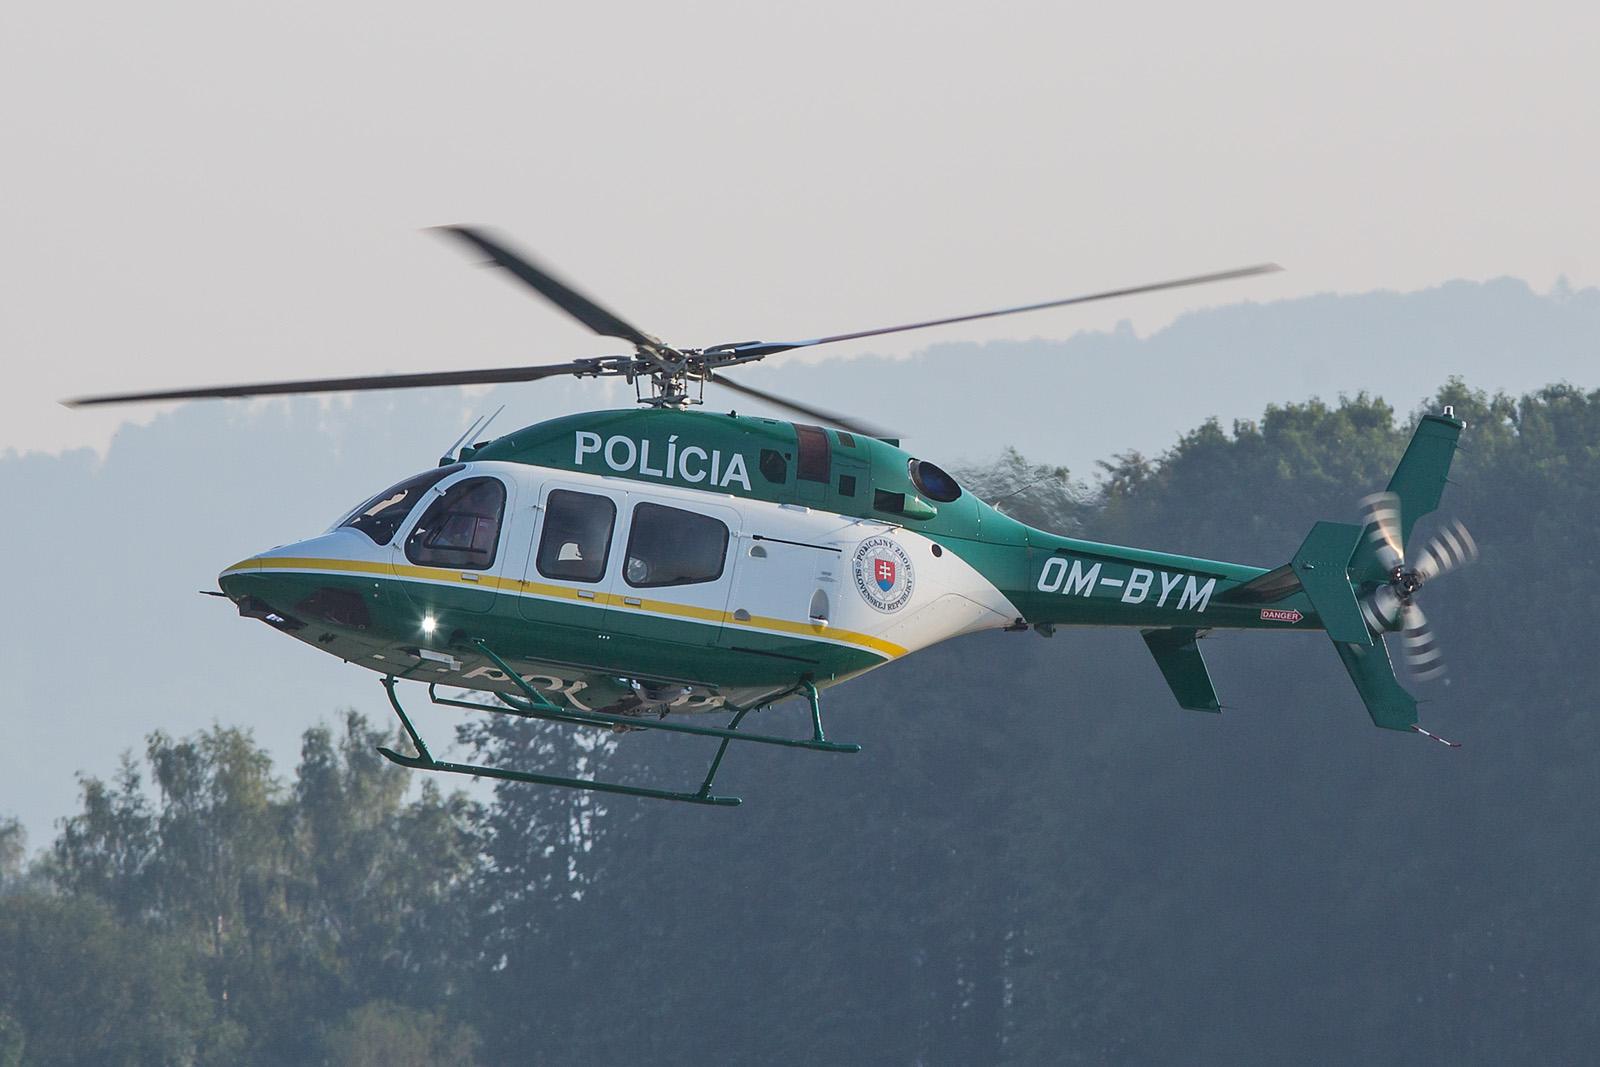 Erst seit kurzem verfügt die slovakische Polizei über die Bell 429